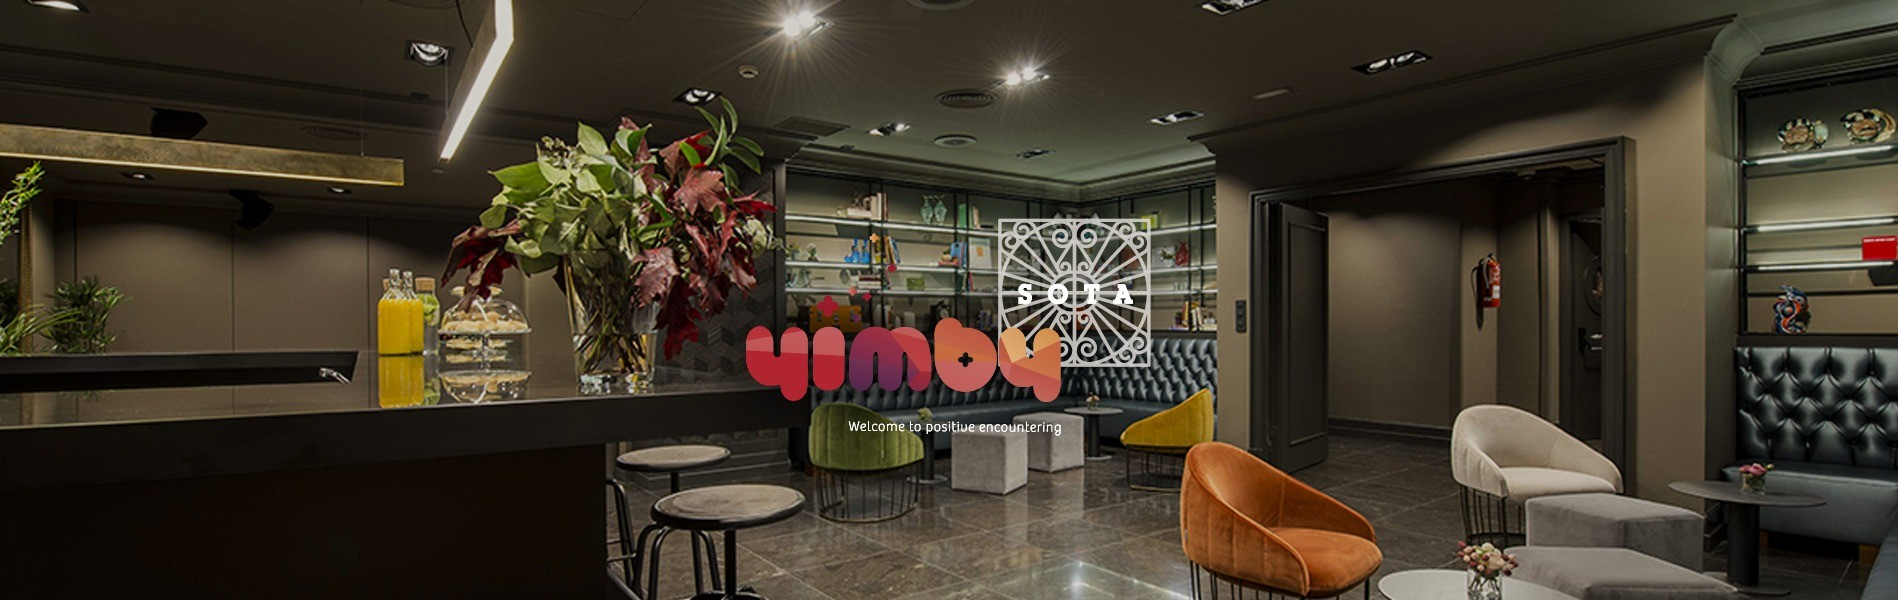 Vista panorámica de sala SMITH en YIMBY SOTA con su logo